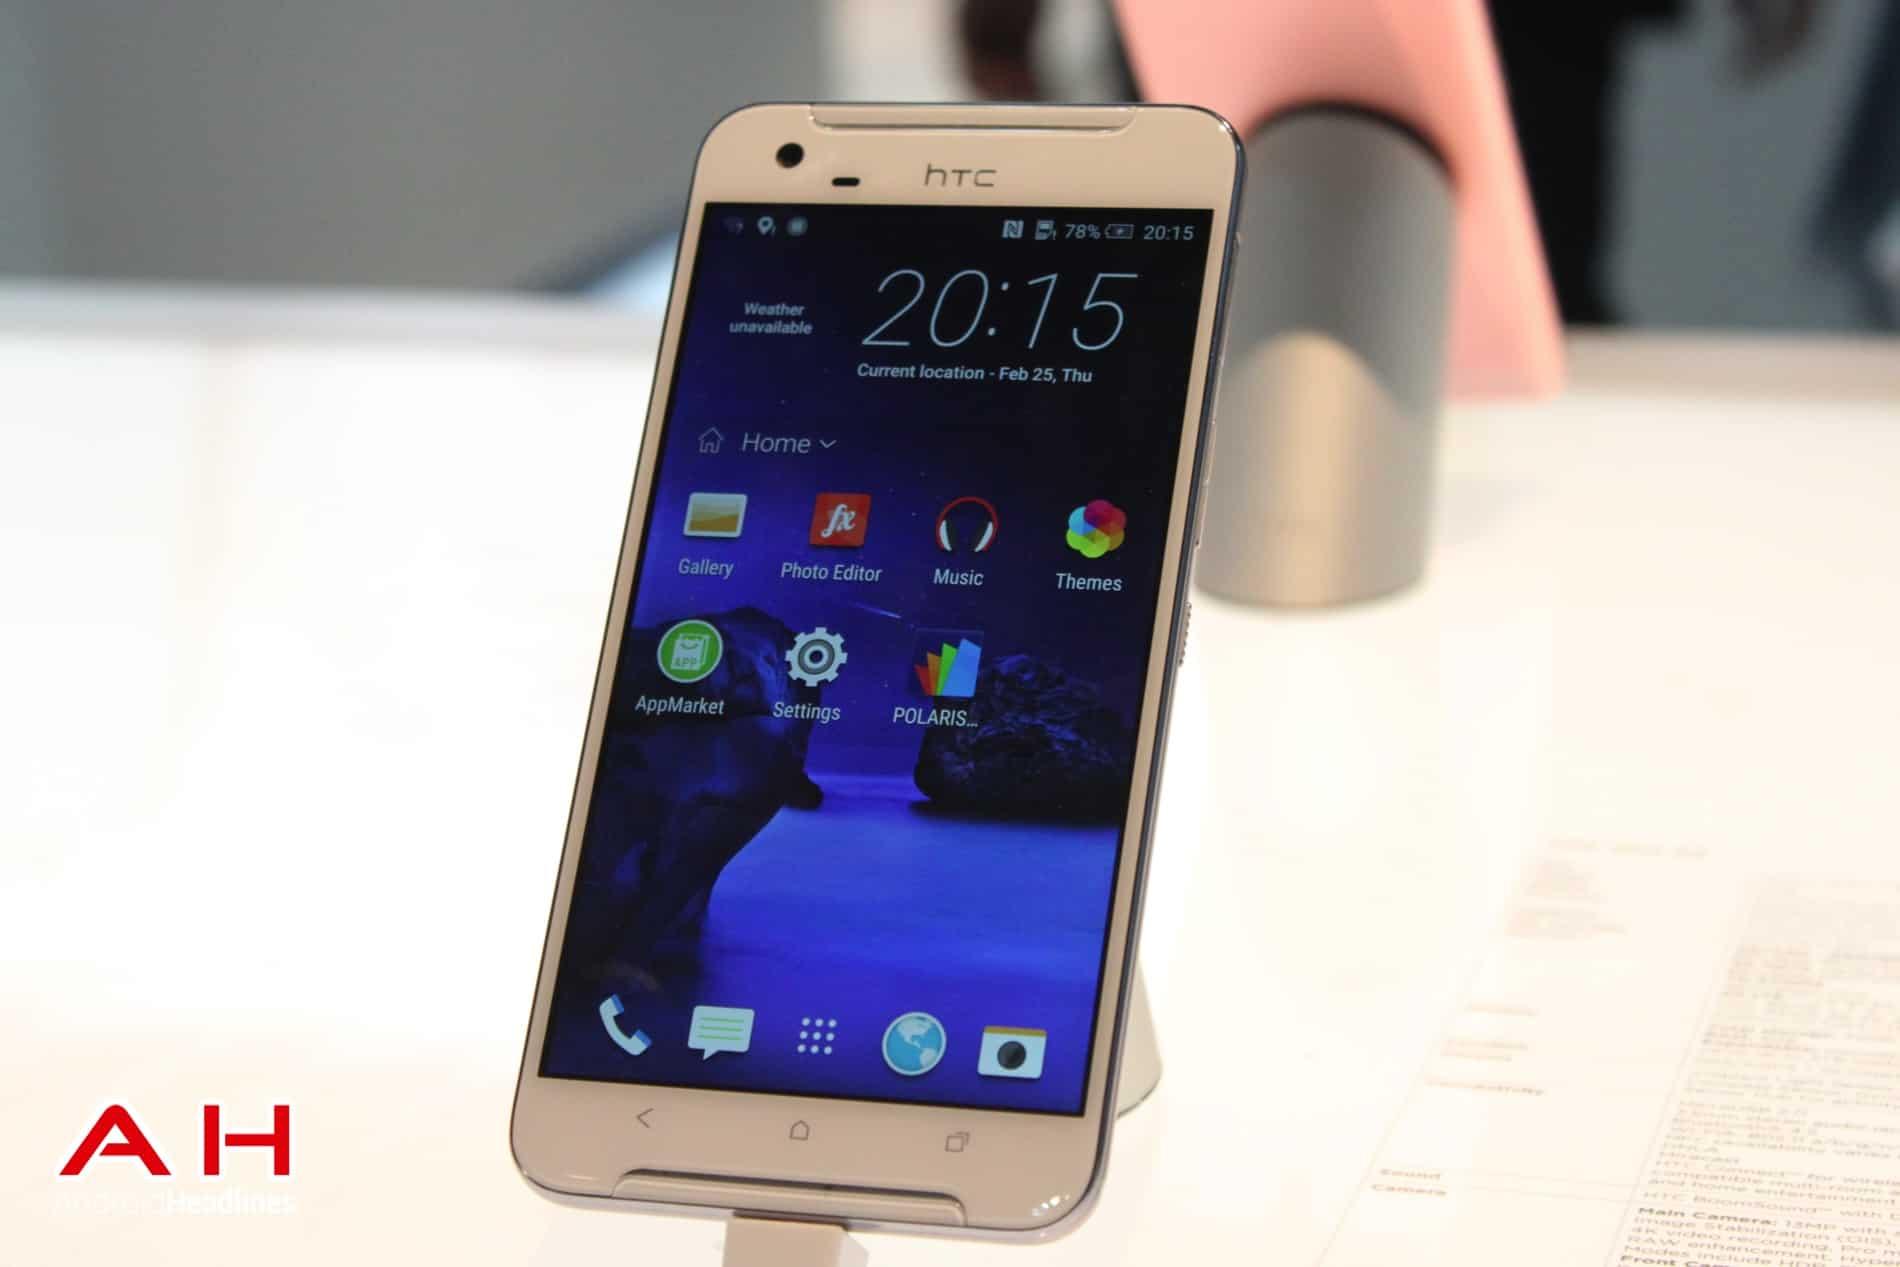 HTC One X9 MWC AH 25